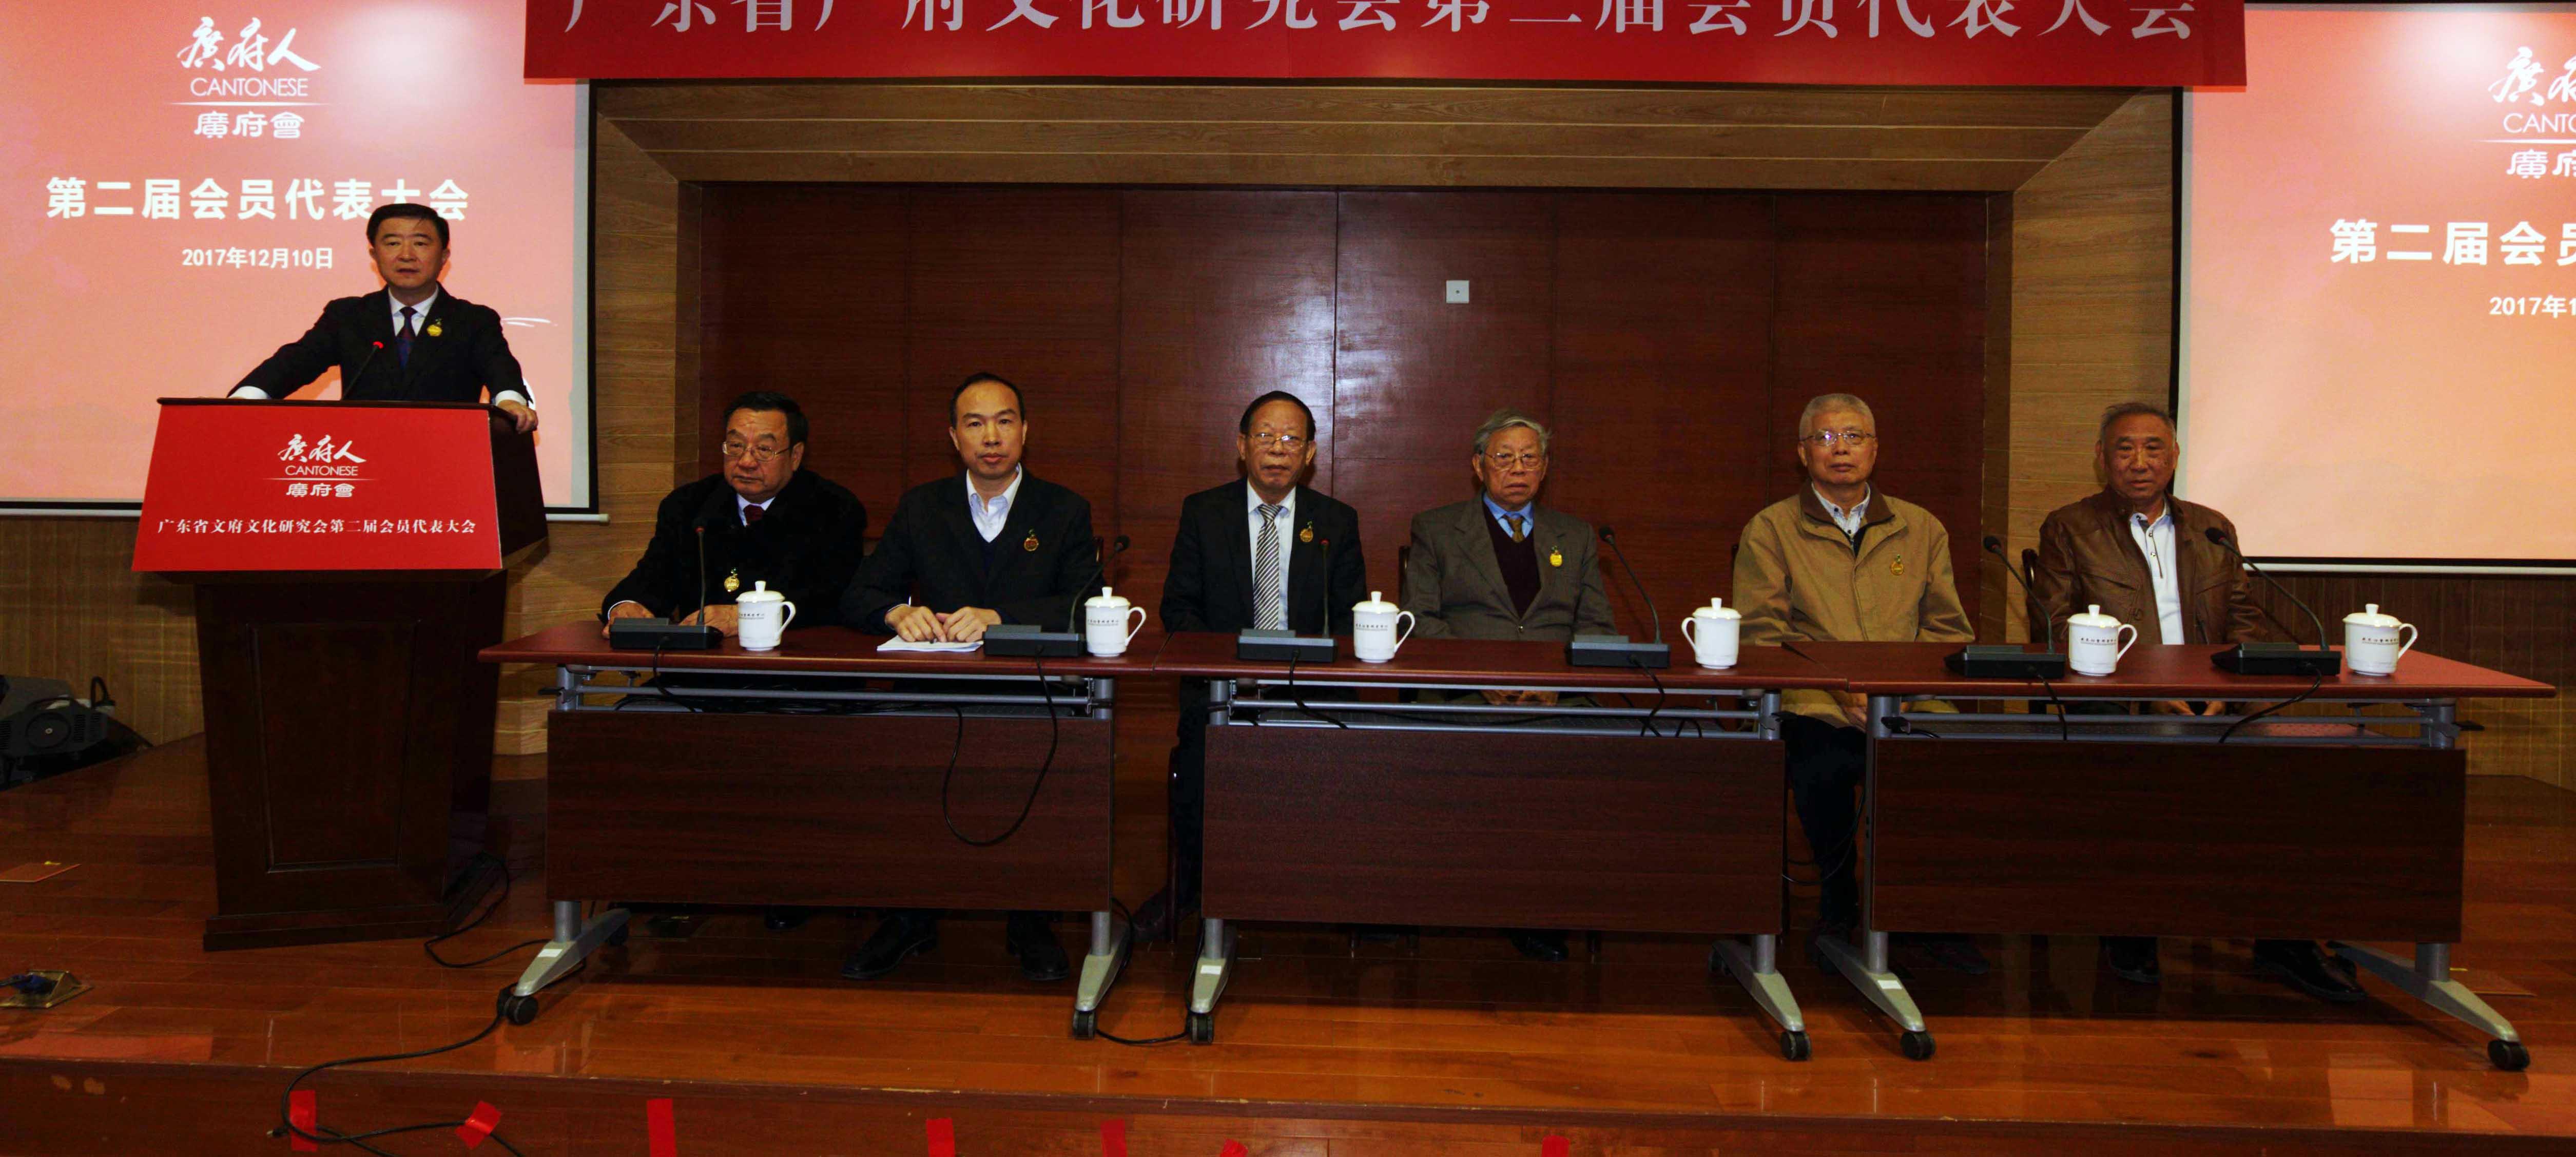 李憑獲選廣府文化研究會副會長